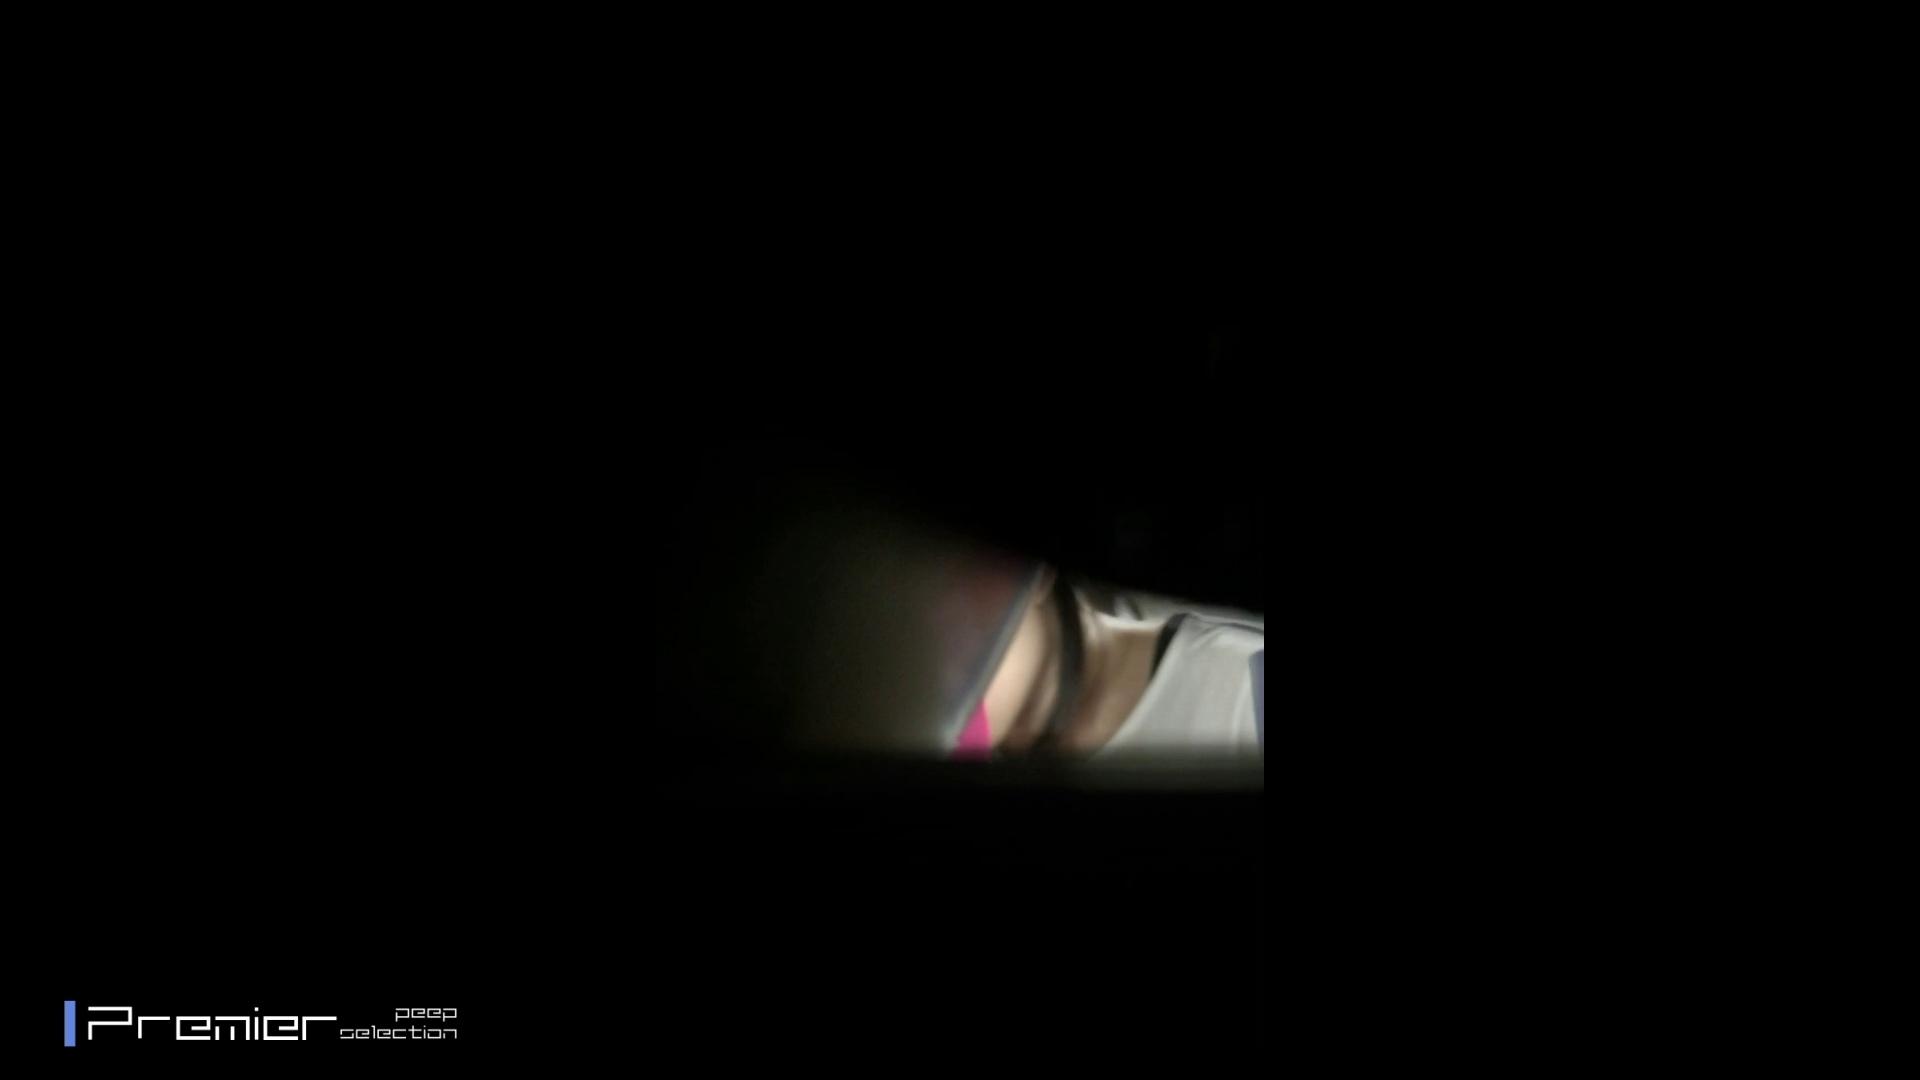 無修正エロ動画|美形爆乳 OL の卑猥なボディ 美女達の私生活に潜入!|怪盗ジョーカー